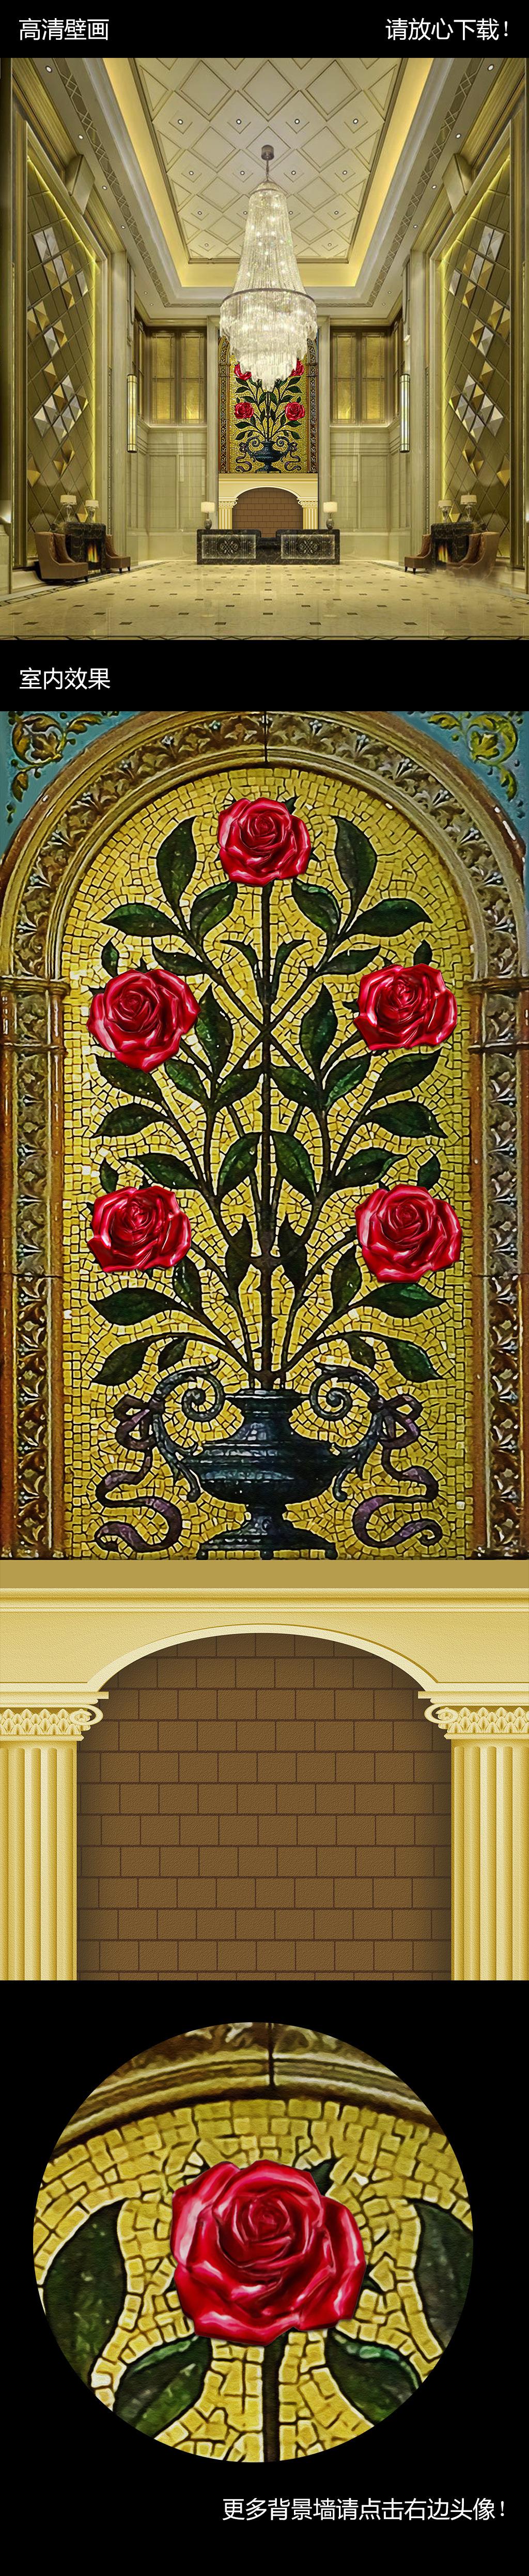 欧式立体玫瑰浮雕玄关壁画